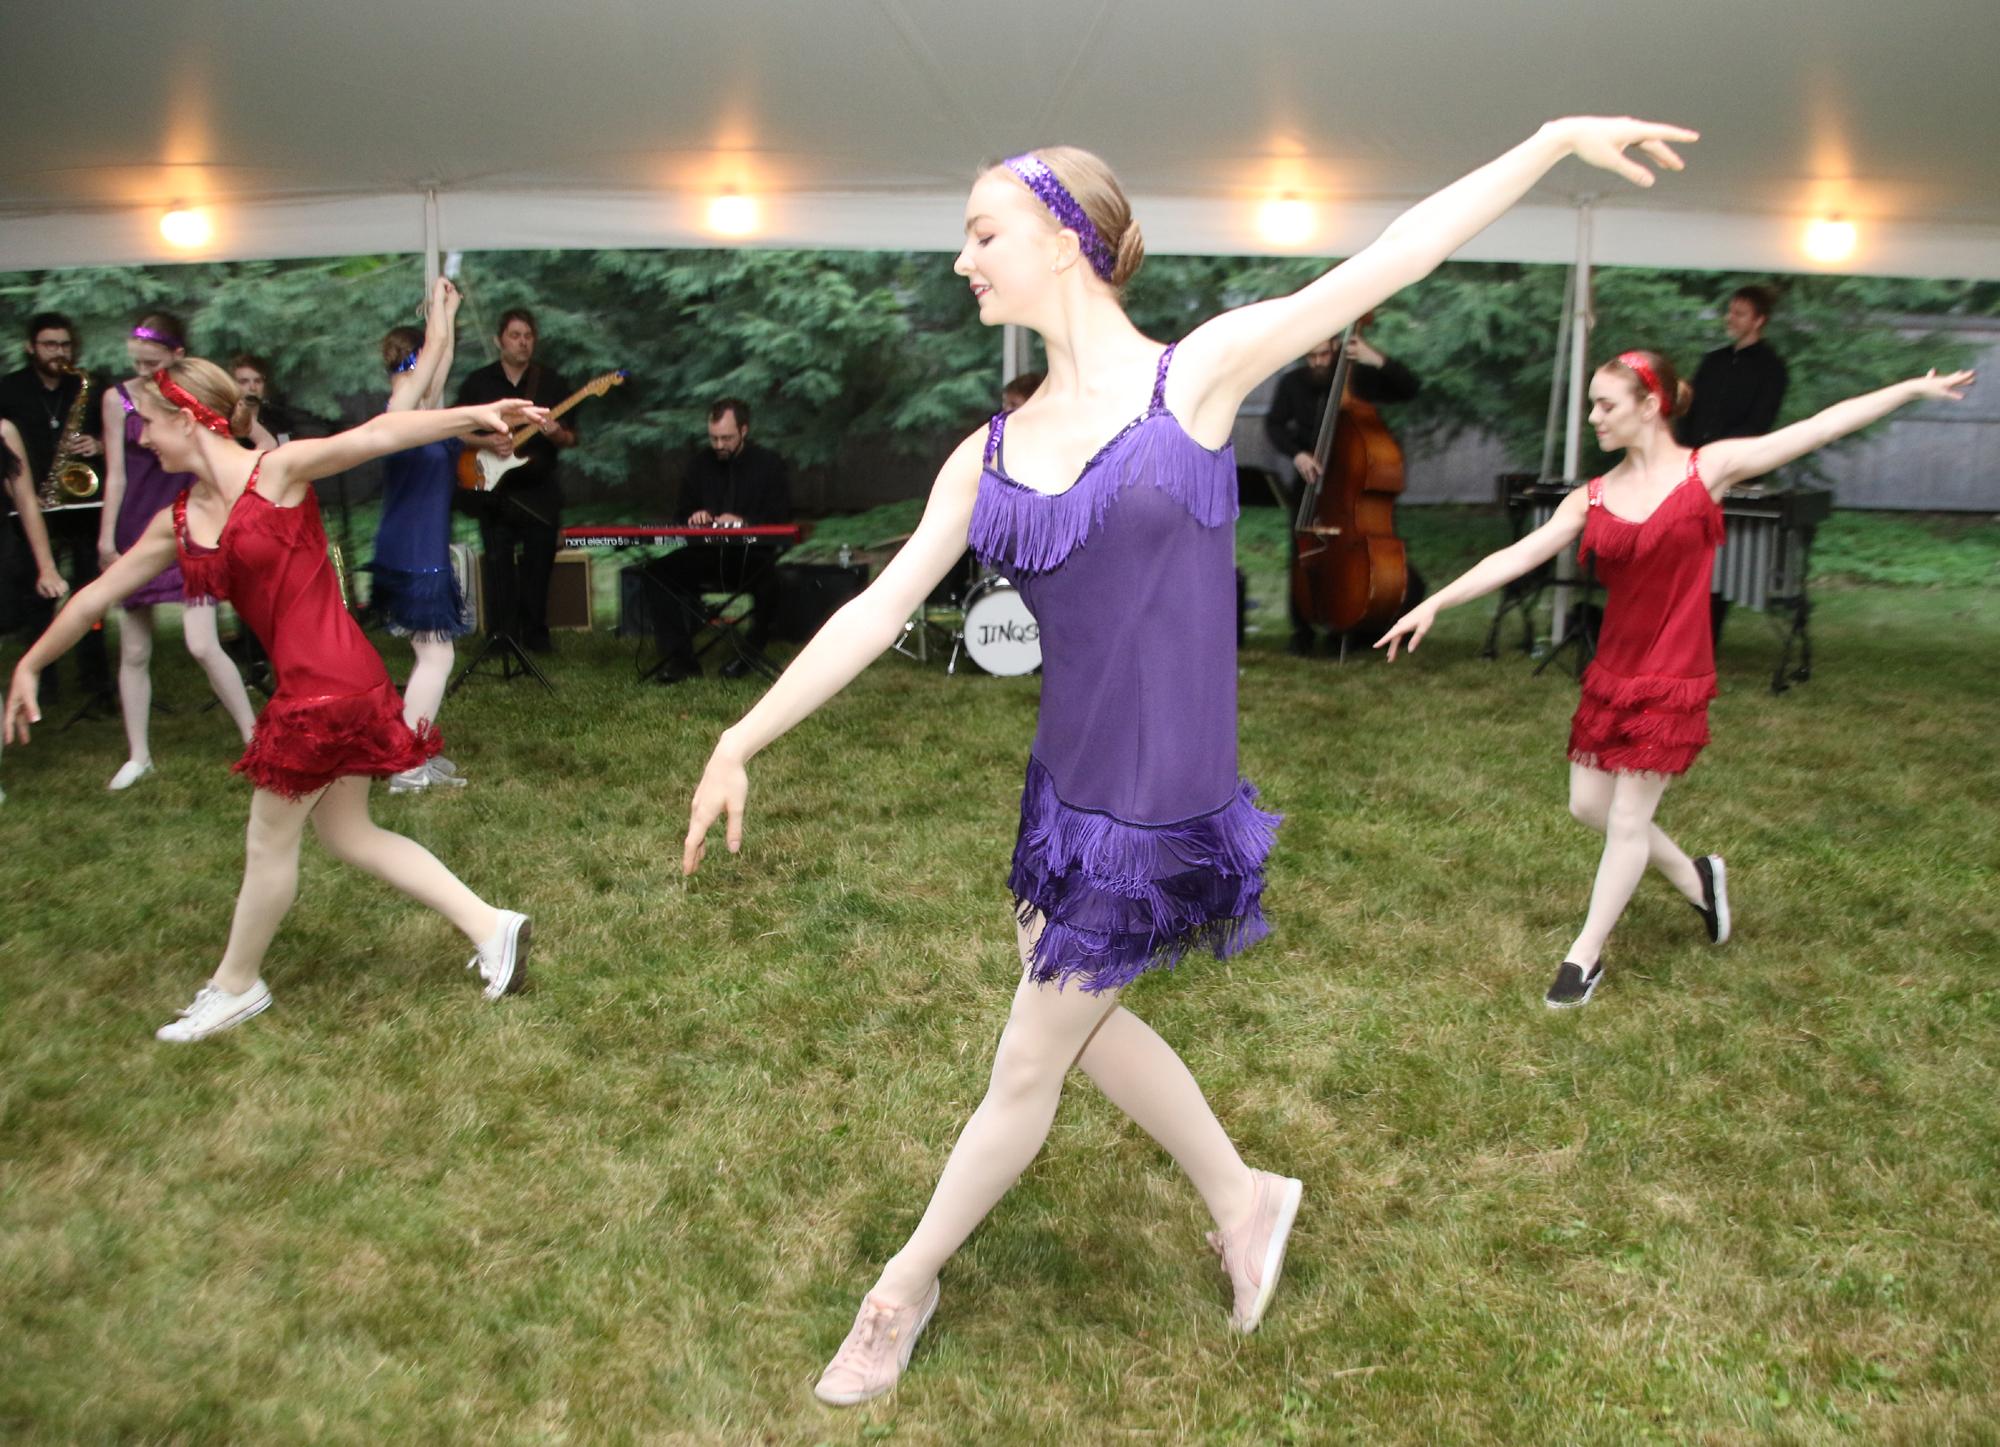 PP JMcK Nutmeg Dancers 6N4A4170.jpg